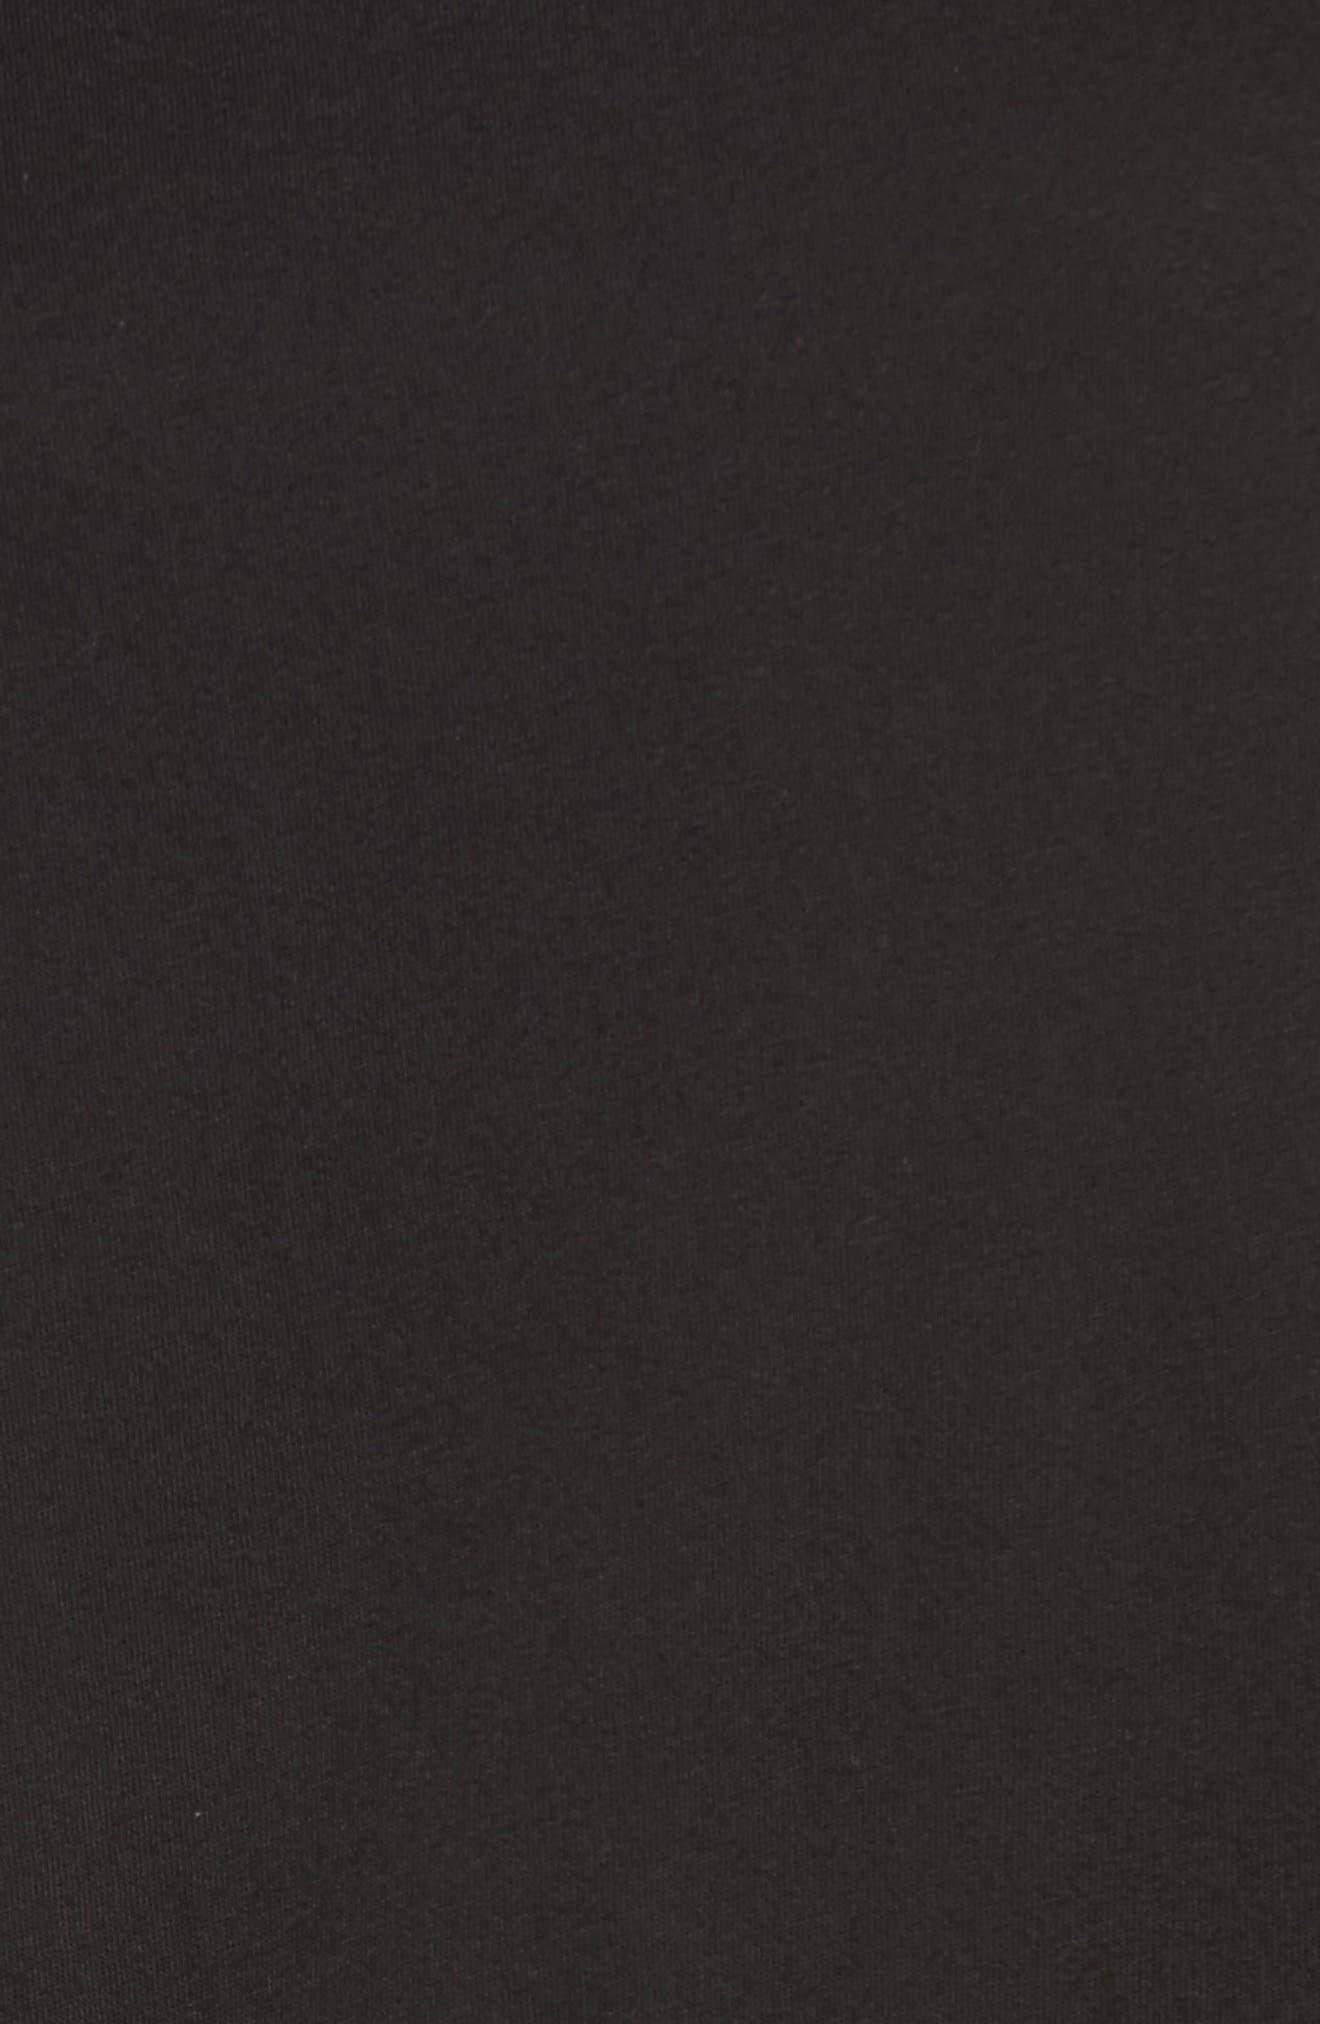 Peplum Tee,                             Alternate thumbnail 5, color,                             Black